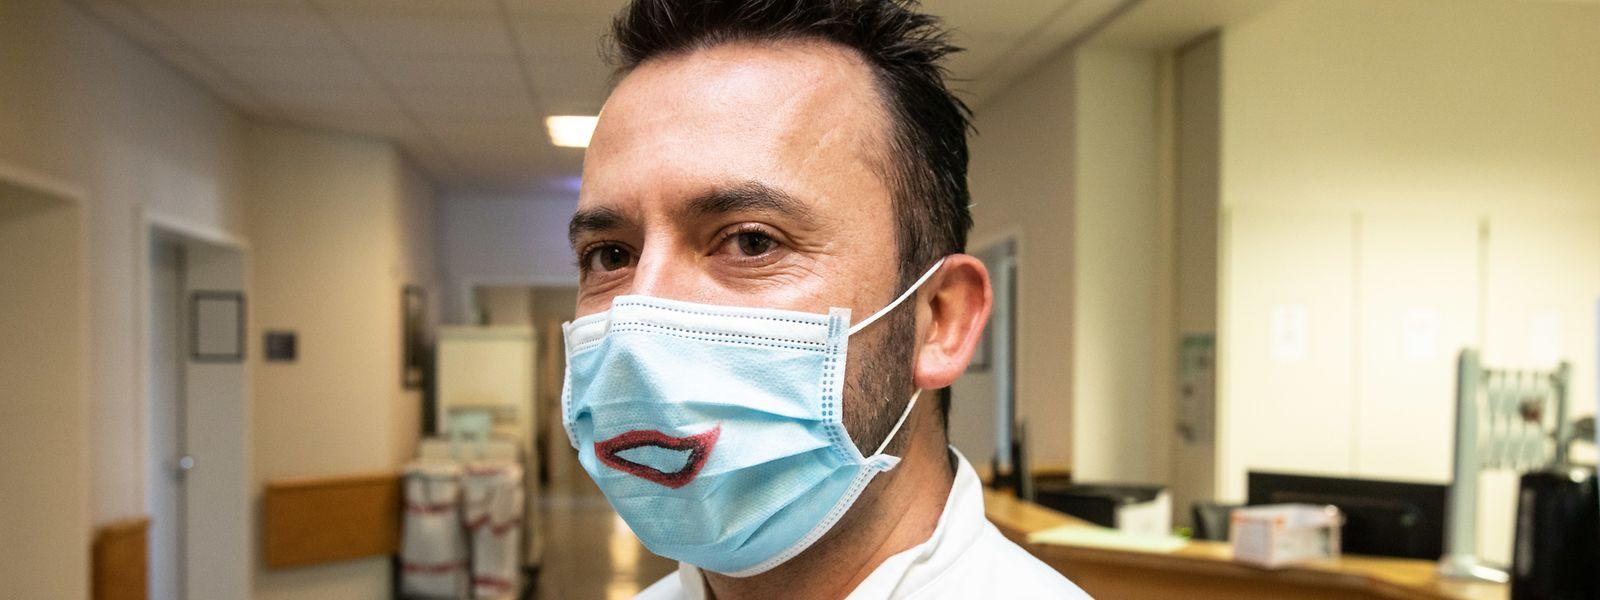 Les besoins en masques du secteur de la santé «ont toujours pu être couverts» depuis le début de la pandémie, atteste la ministre de la Santé.